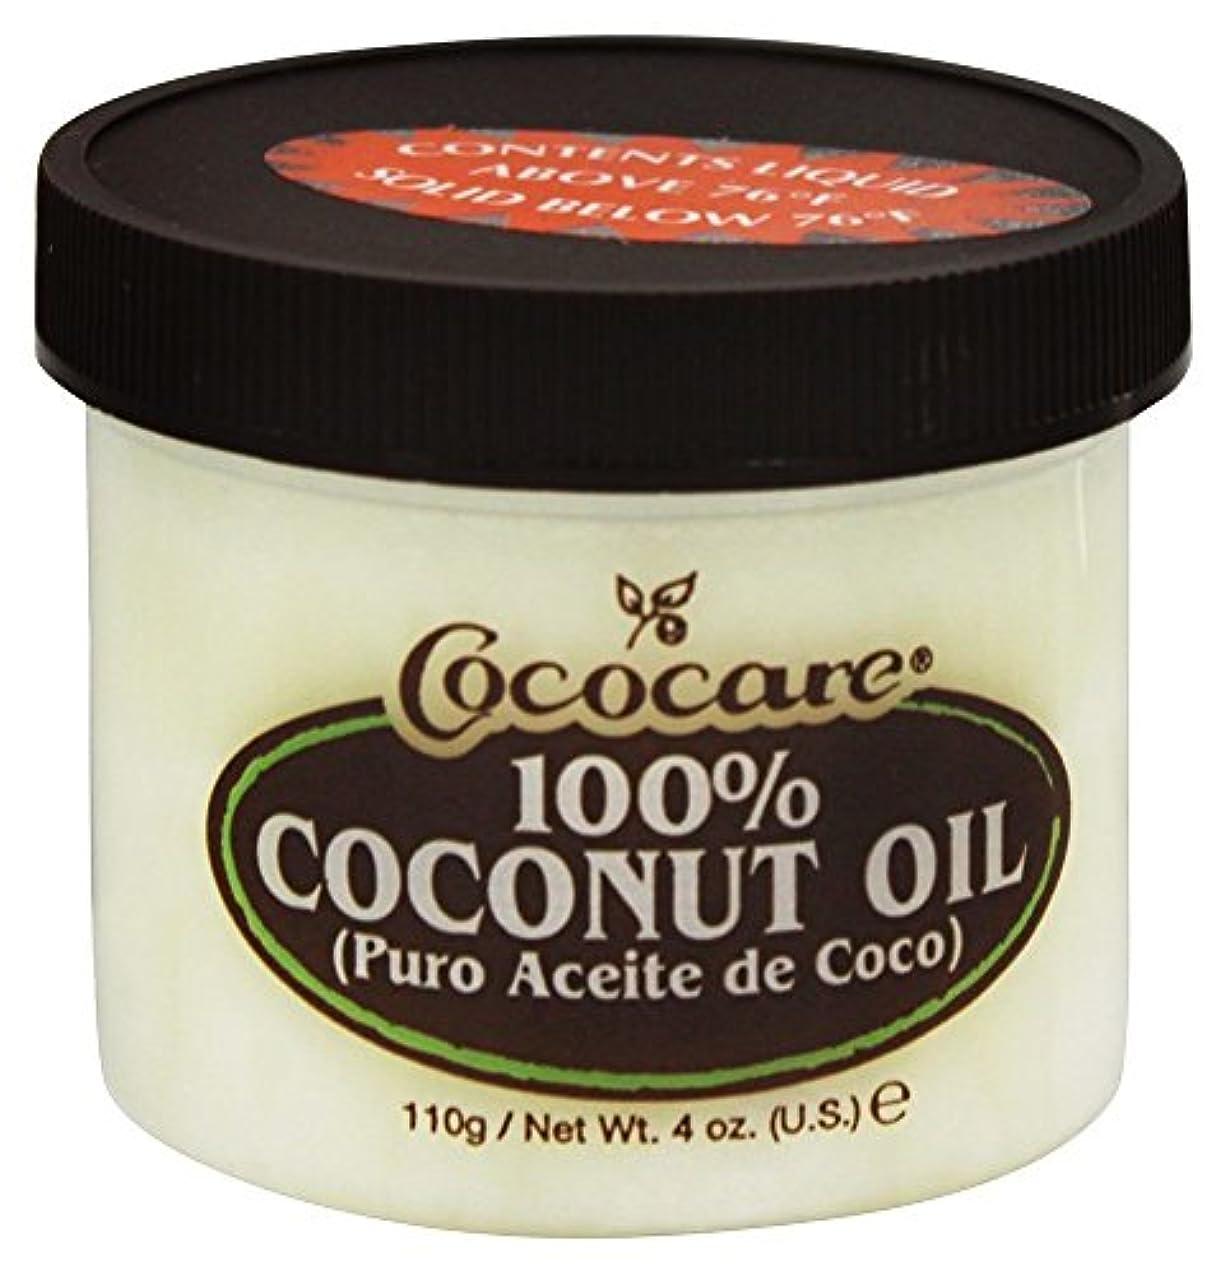 惑星挽く薄いですCococare - 100% ココナッツ オイル - 4ポンド [並行輸入品]